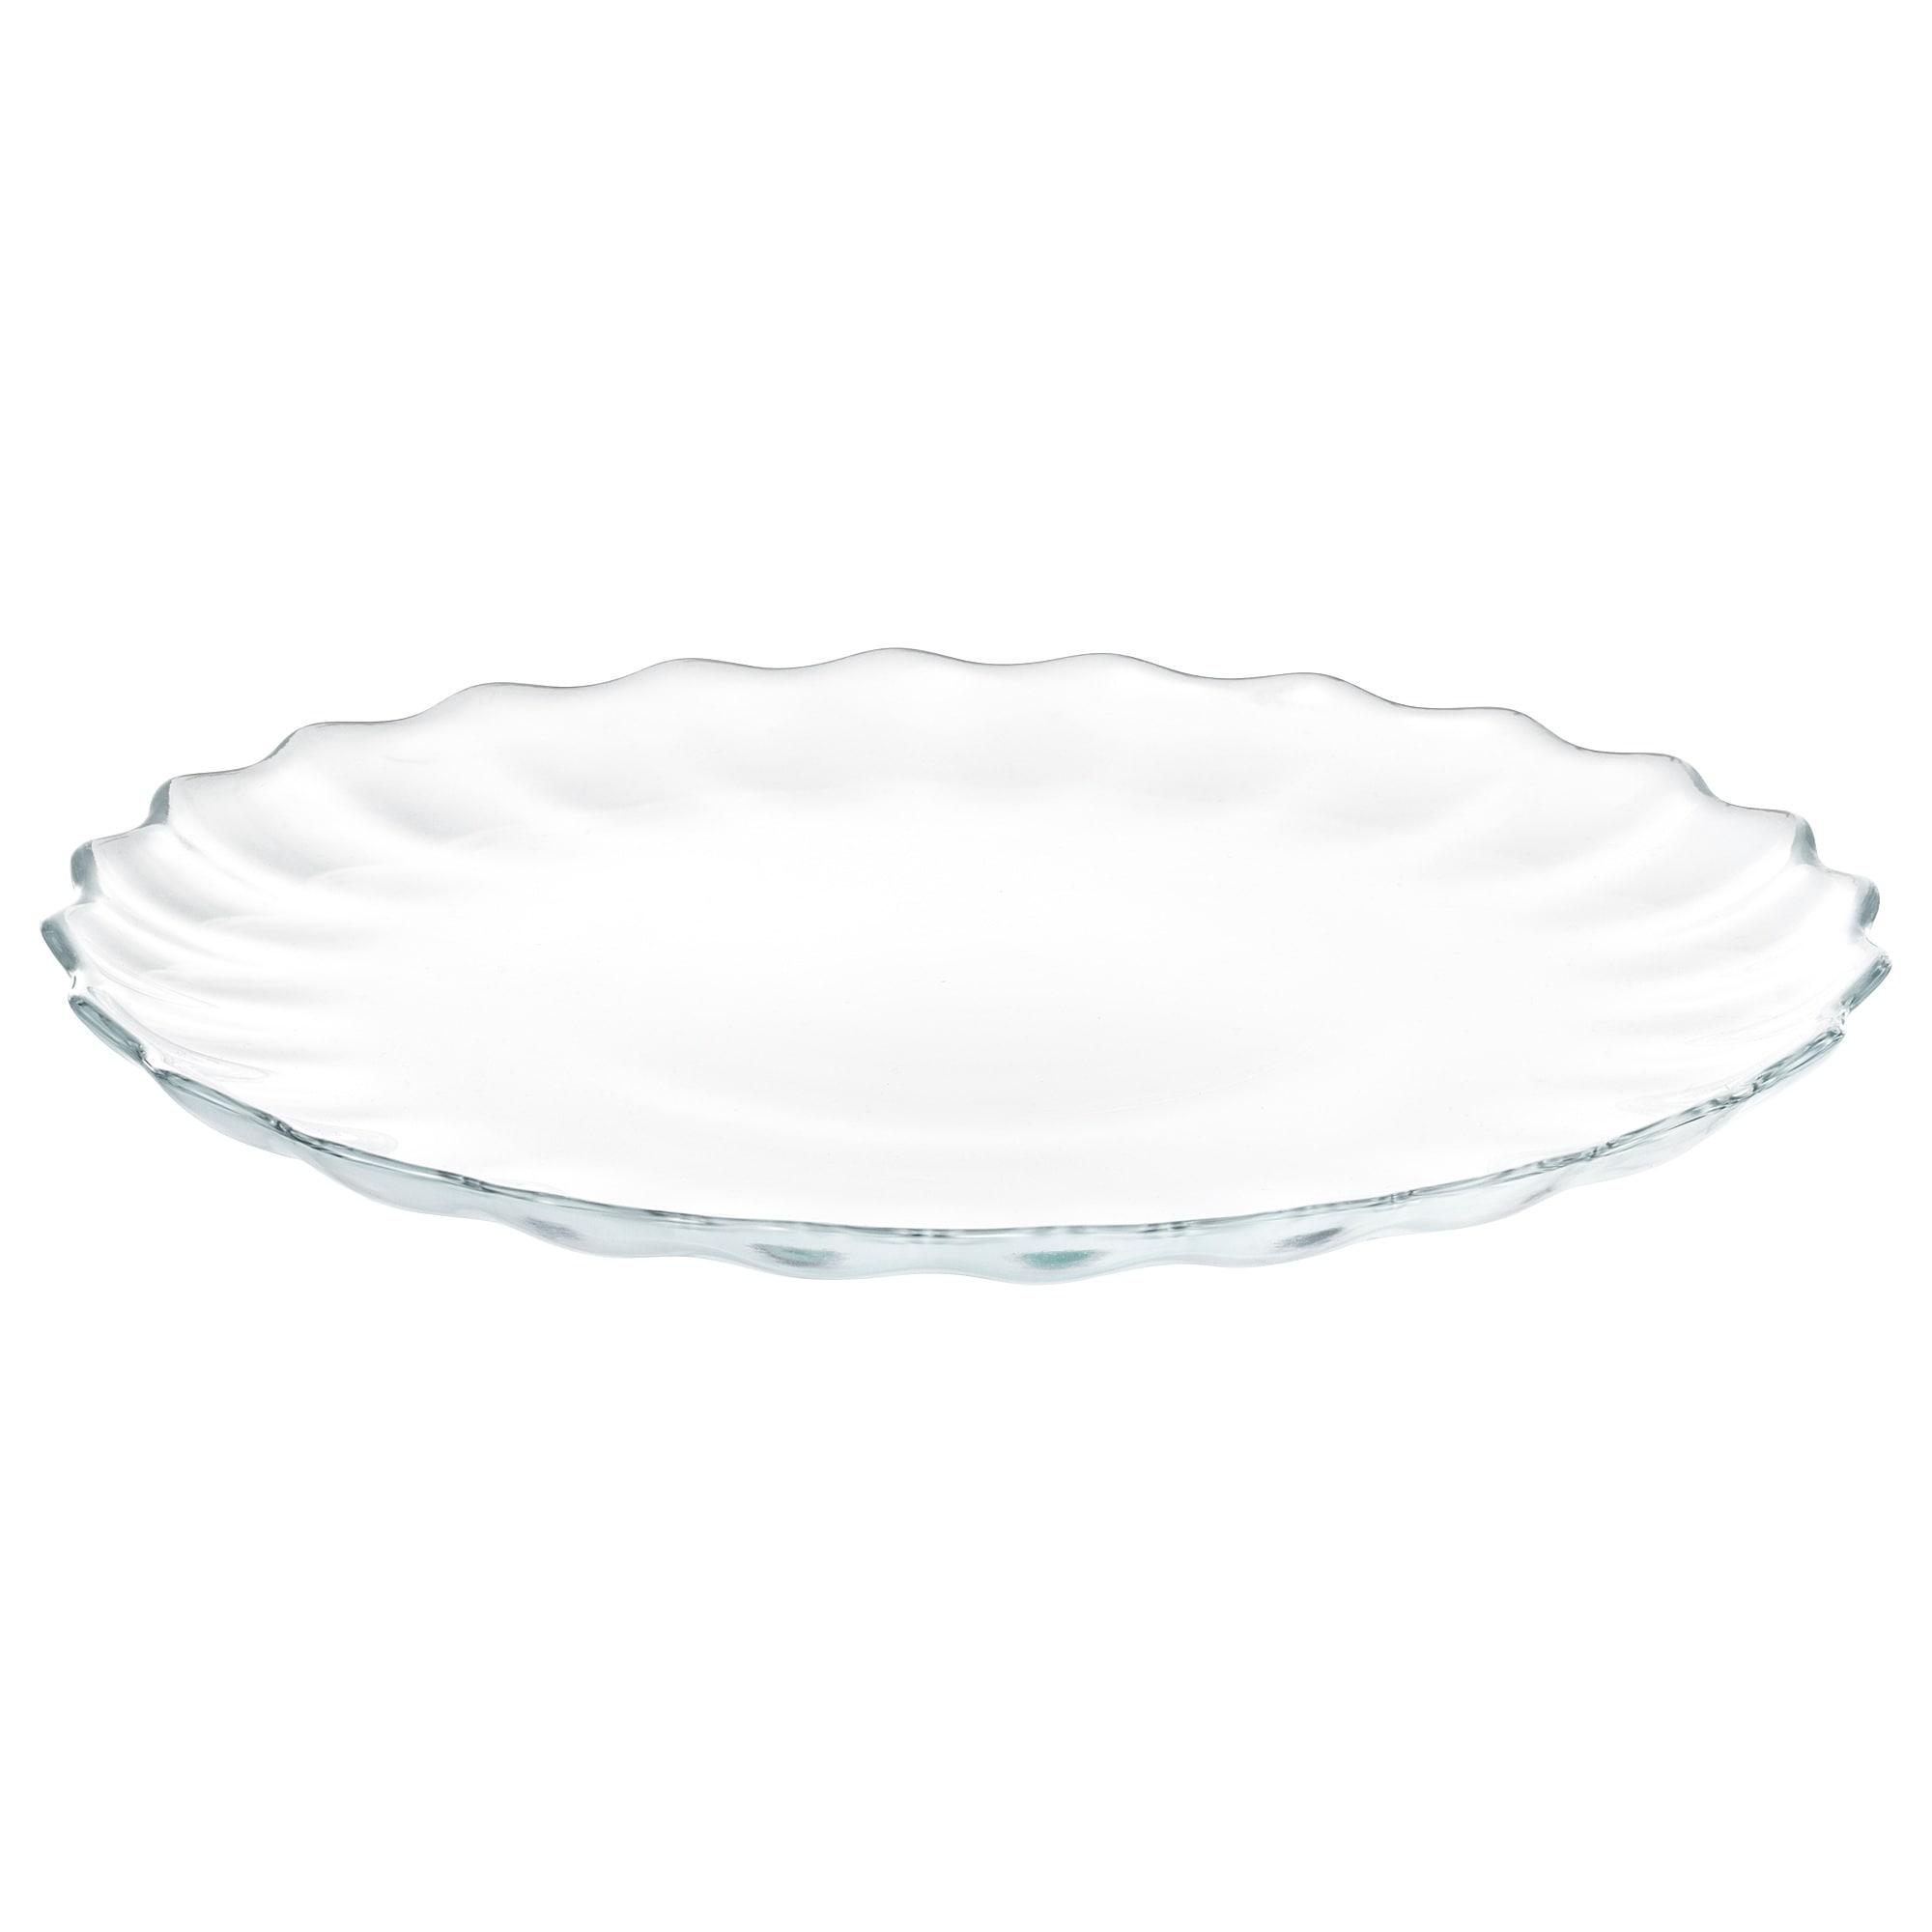 Тарелка десертная ДРЁМБИЛЬД артикуль № 903.869.60 в наличии. Интернет сайт IKEA РБ. Быстрая доставка и монтаж.